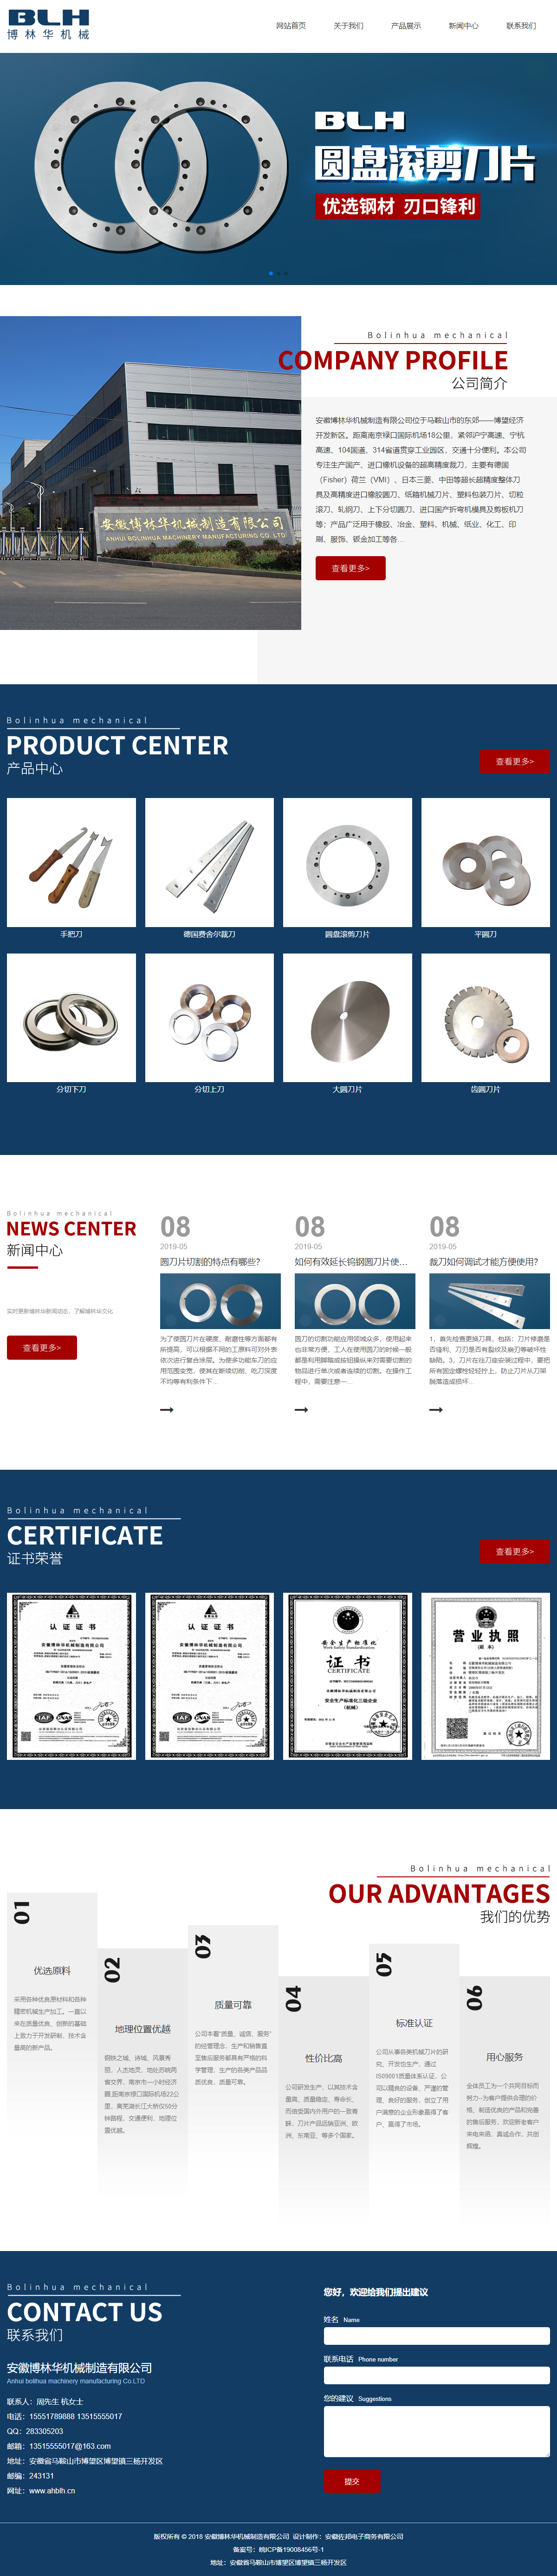 安徽博林华机械制造有限公司网站案例